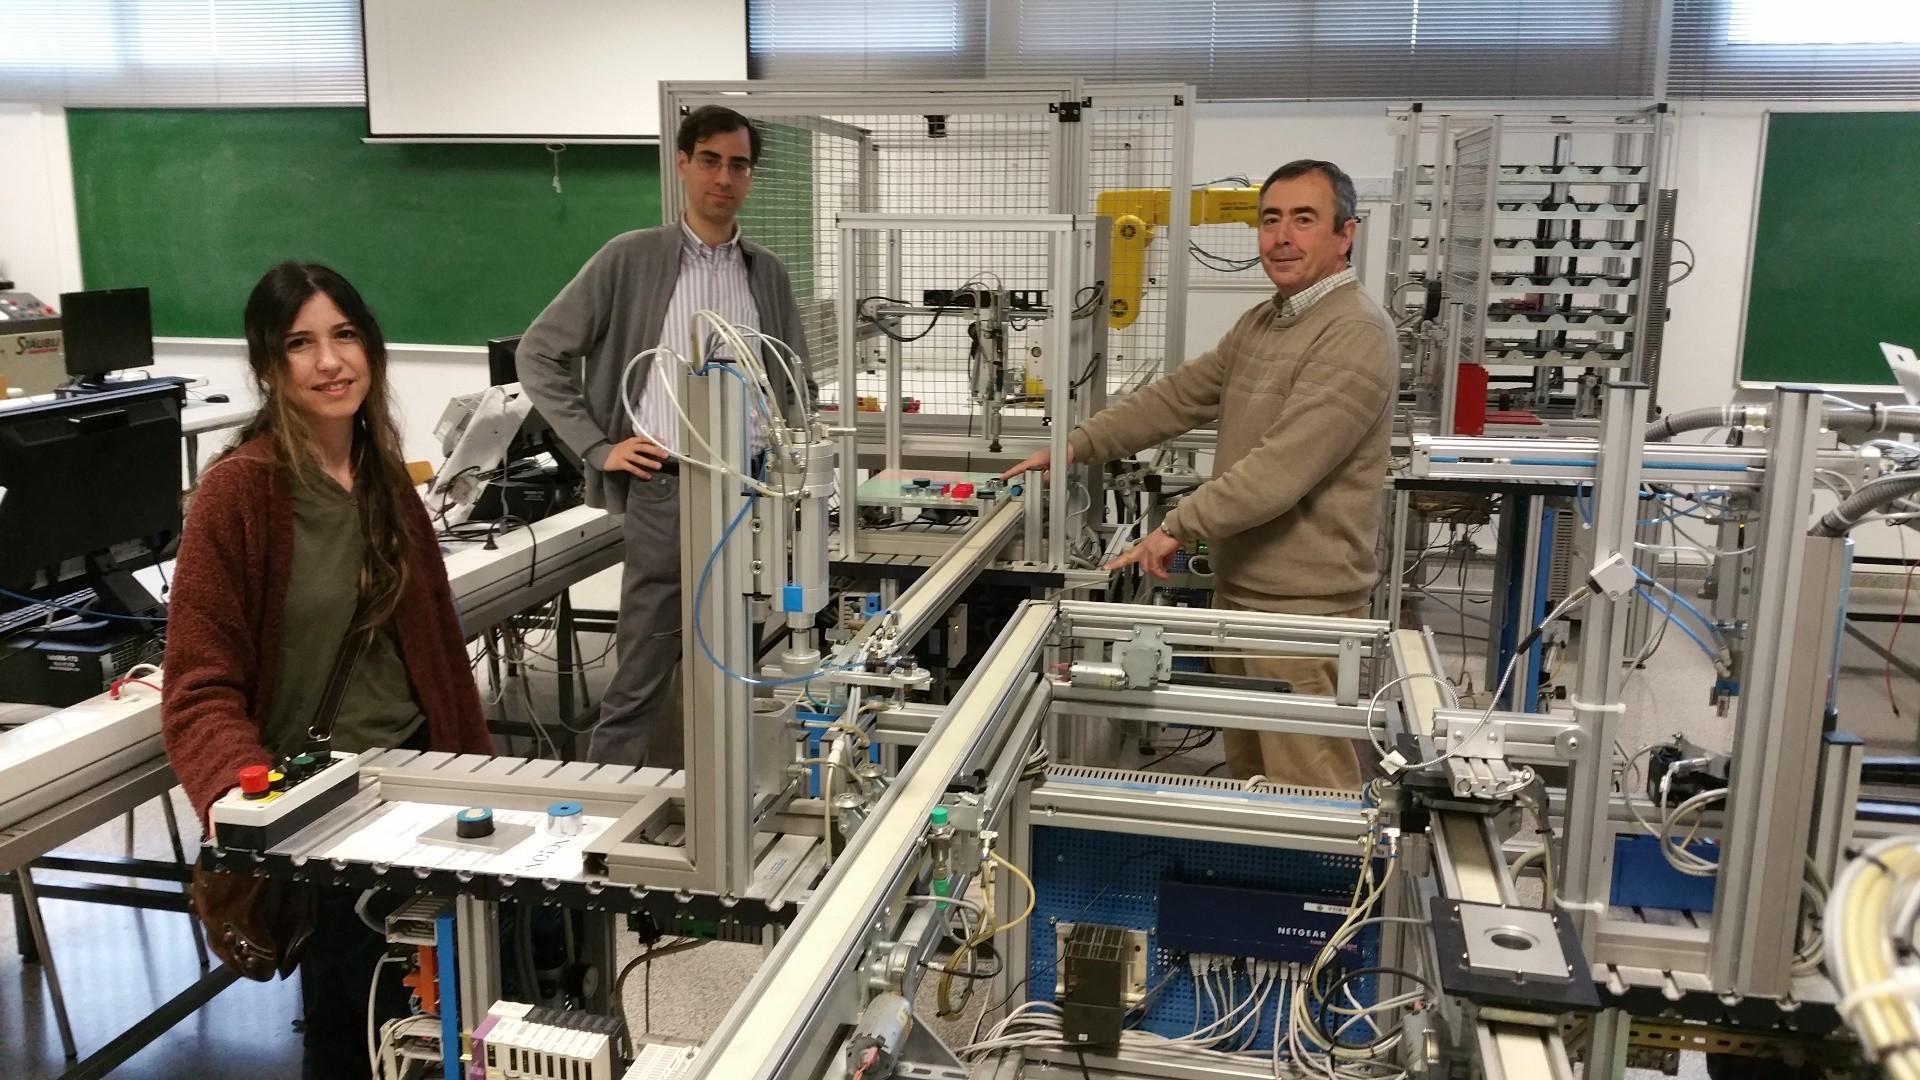 Investigadores de tres países se unen para robotizar procesos industriales y mejorar la calidad de vida de los trabajadores